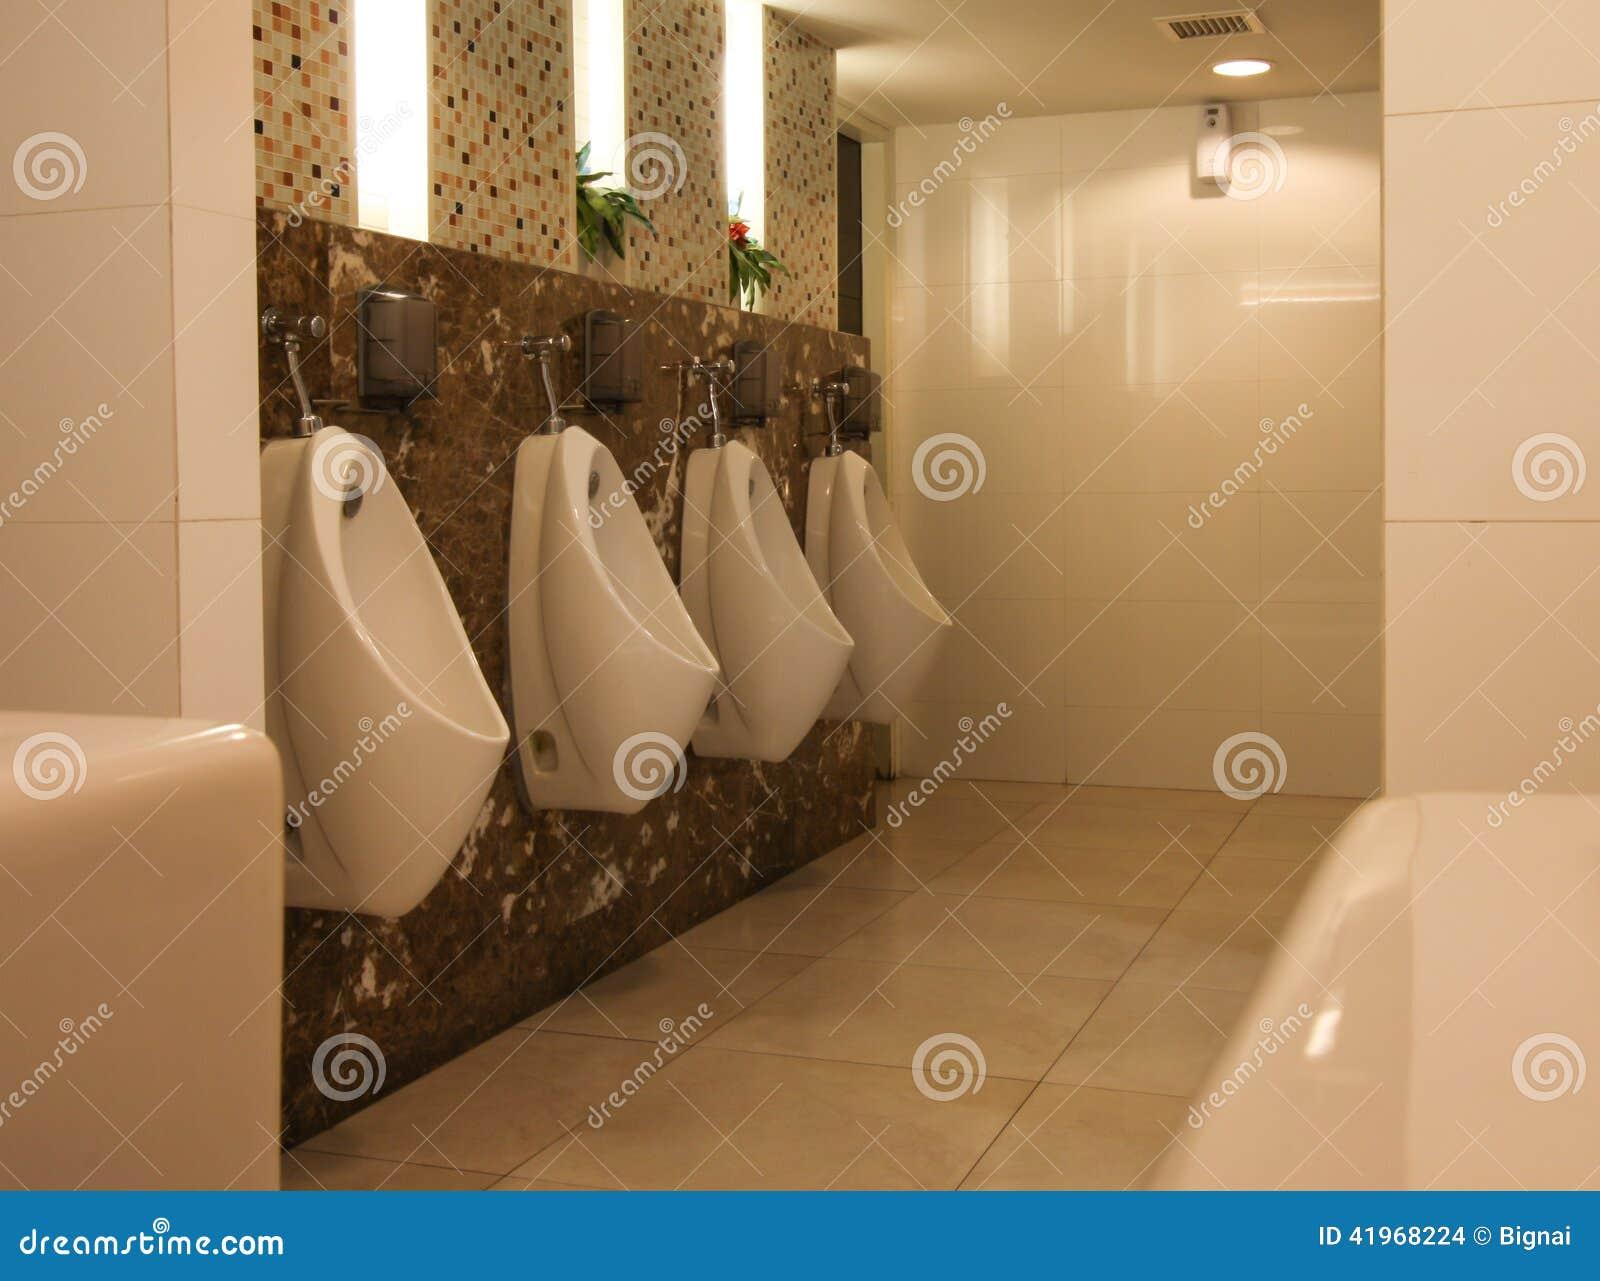 干净的公共厕所好和有益于人健康.图片